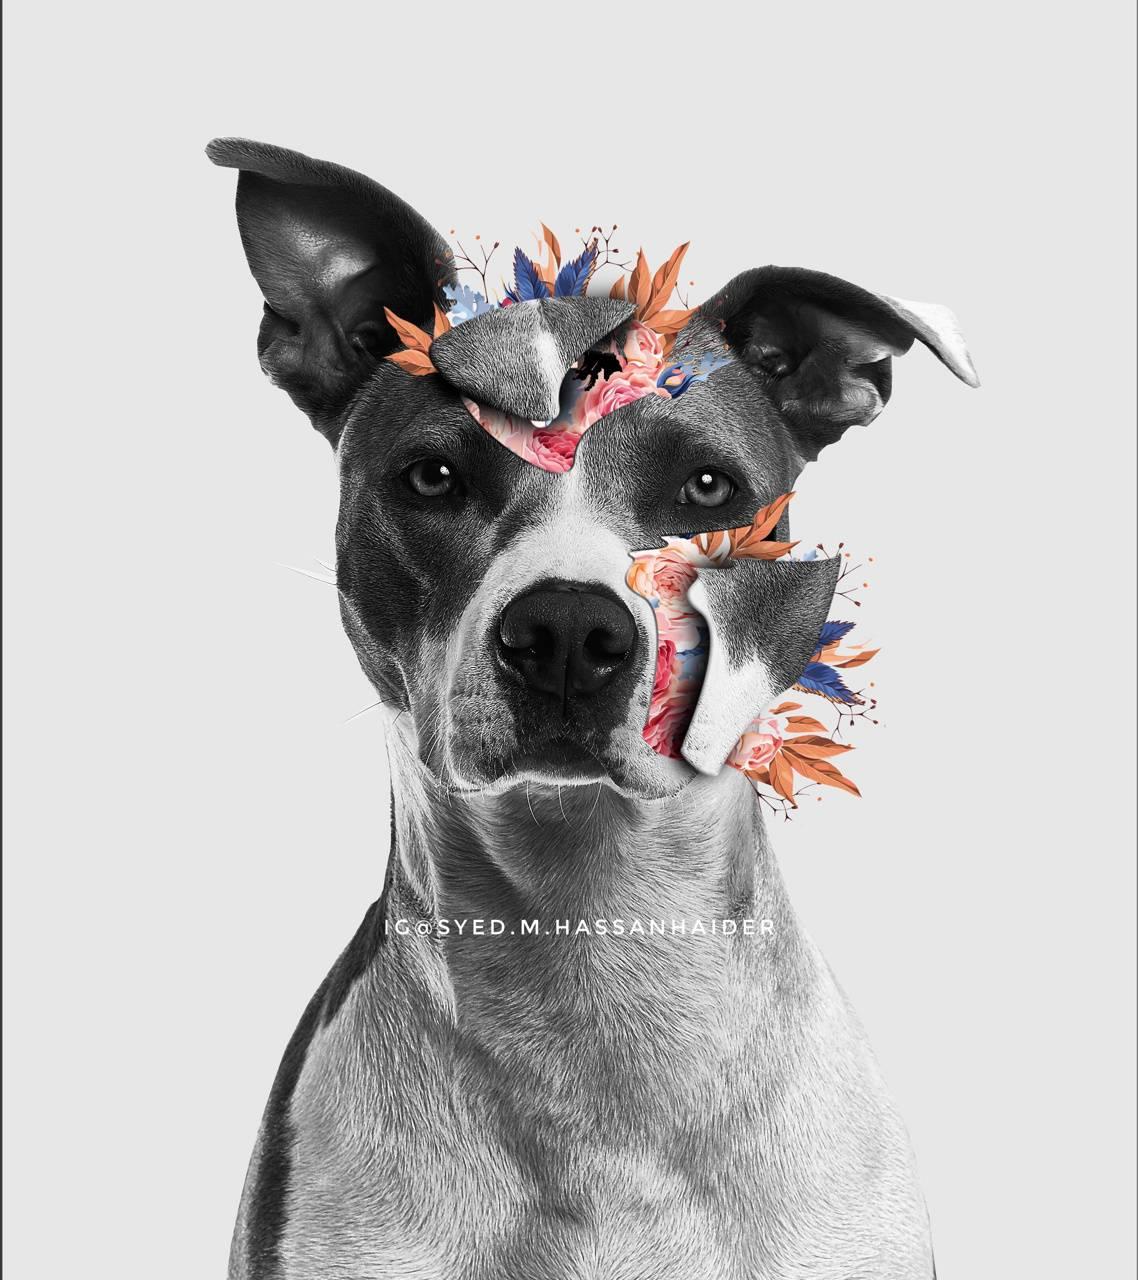 Blossomed dog